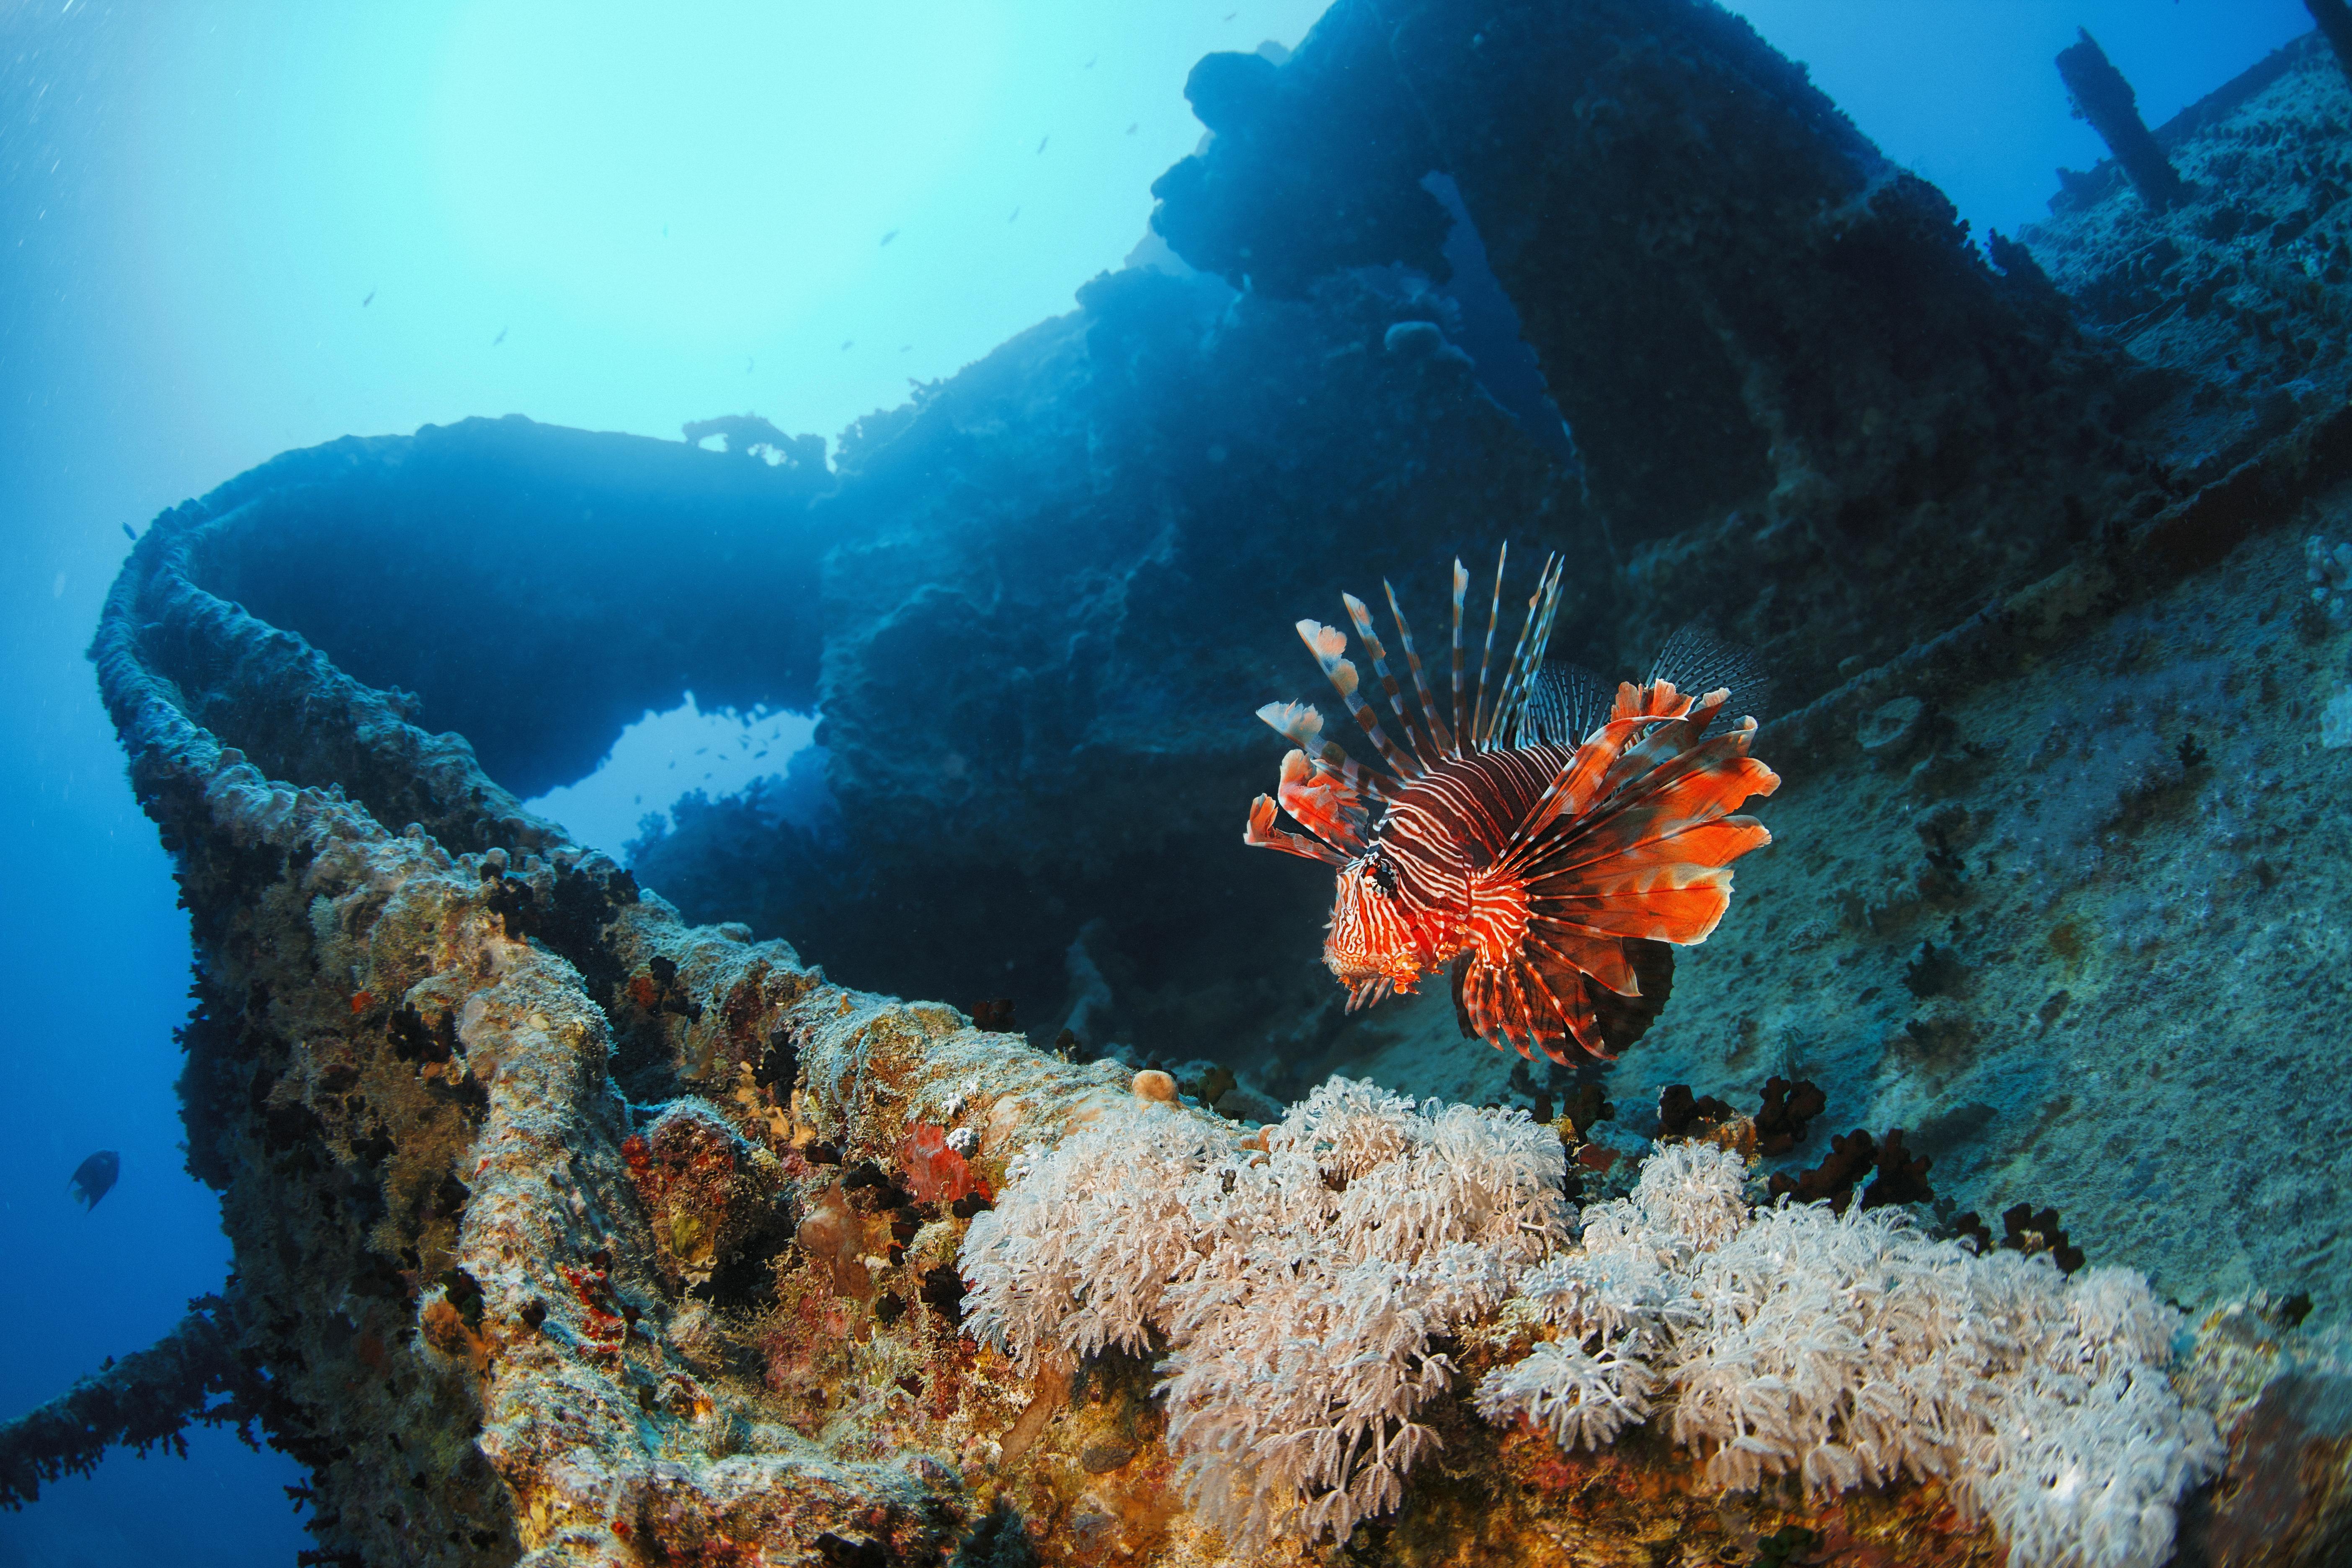 Unterwasserbild von einem Wrack in Varadero mit Korallen und einem Rotfeuerfisch